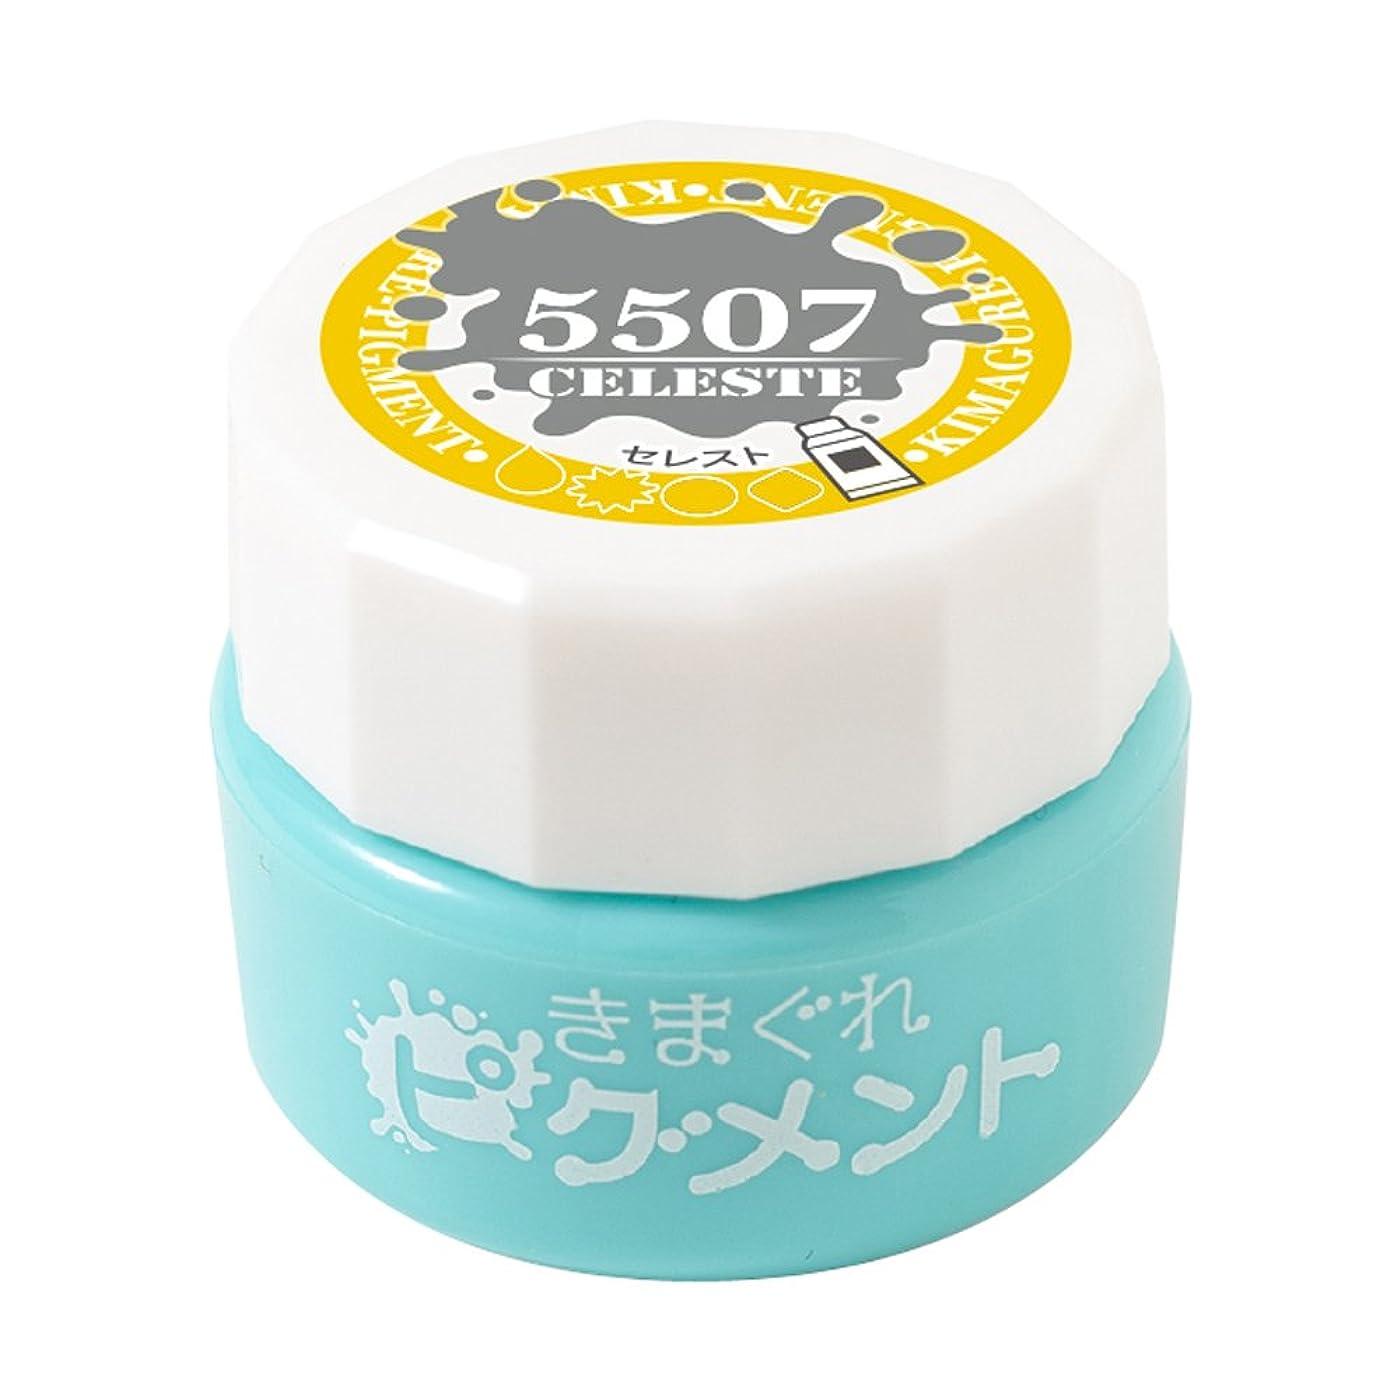 グラフィック堀子豚Bettygel きまぐれピグメント セレスト QYJ-5507 4g UV/LED対応